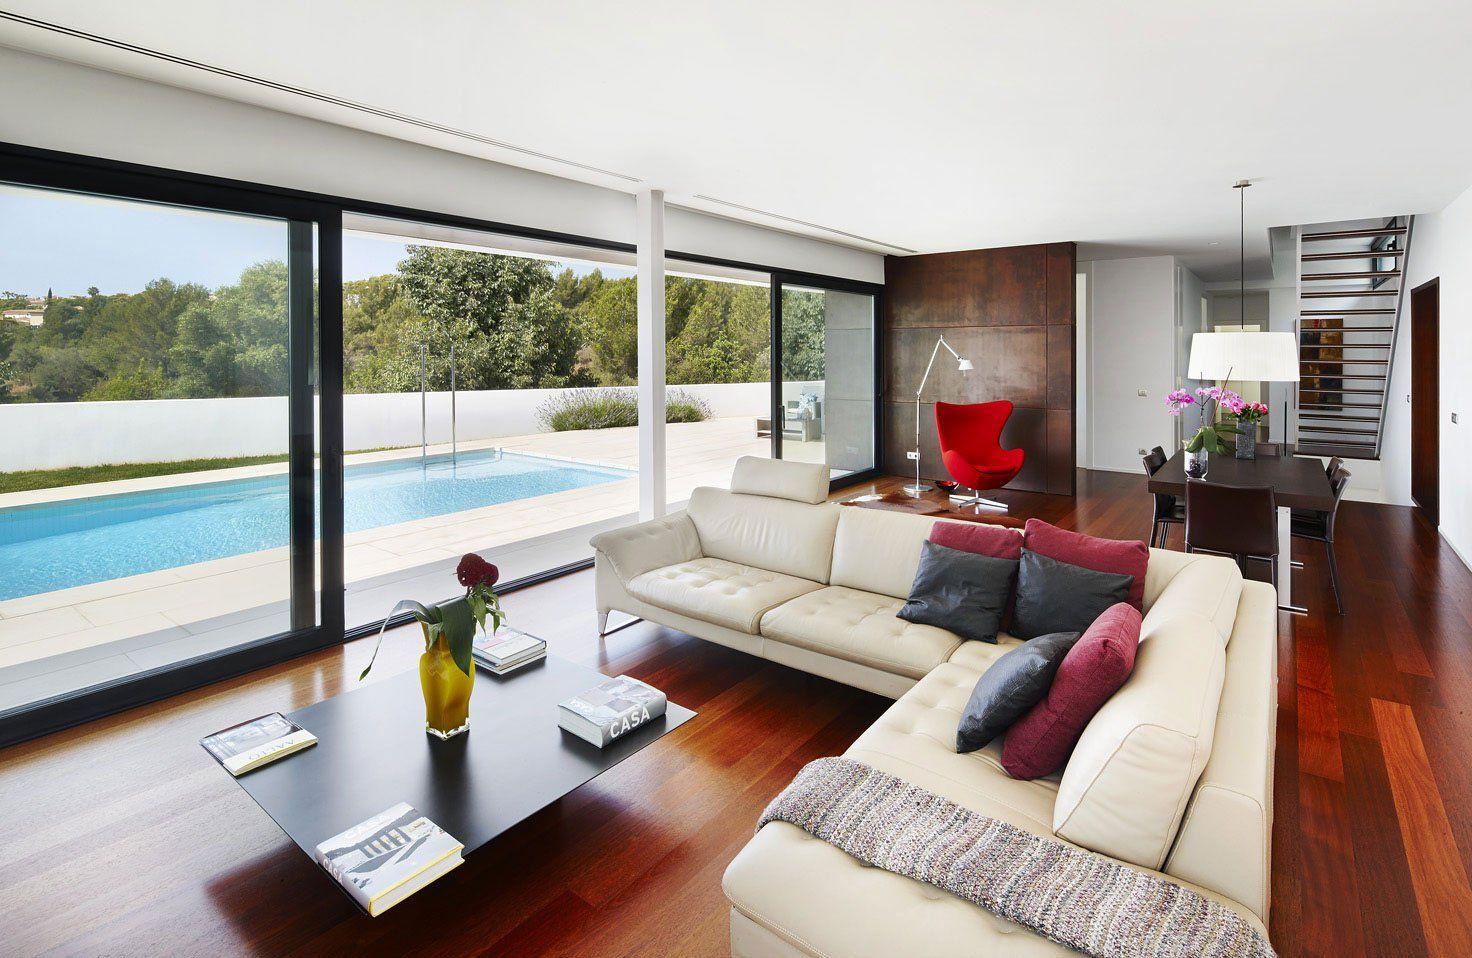 diseño de casa de dos pisos con piscina, tiene una hermosa